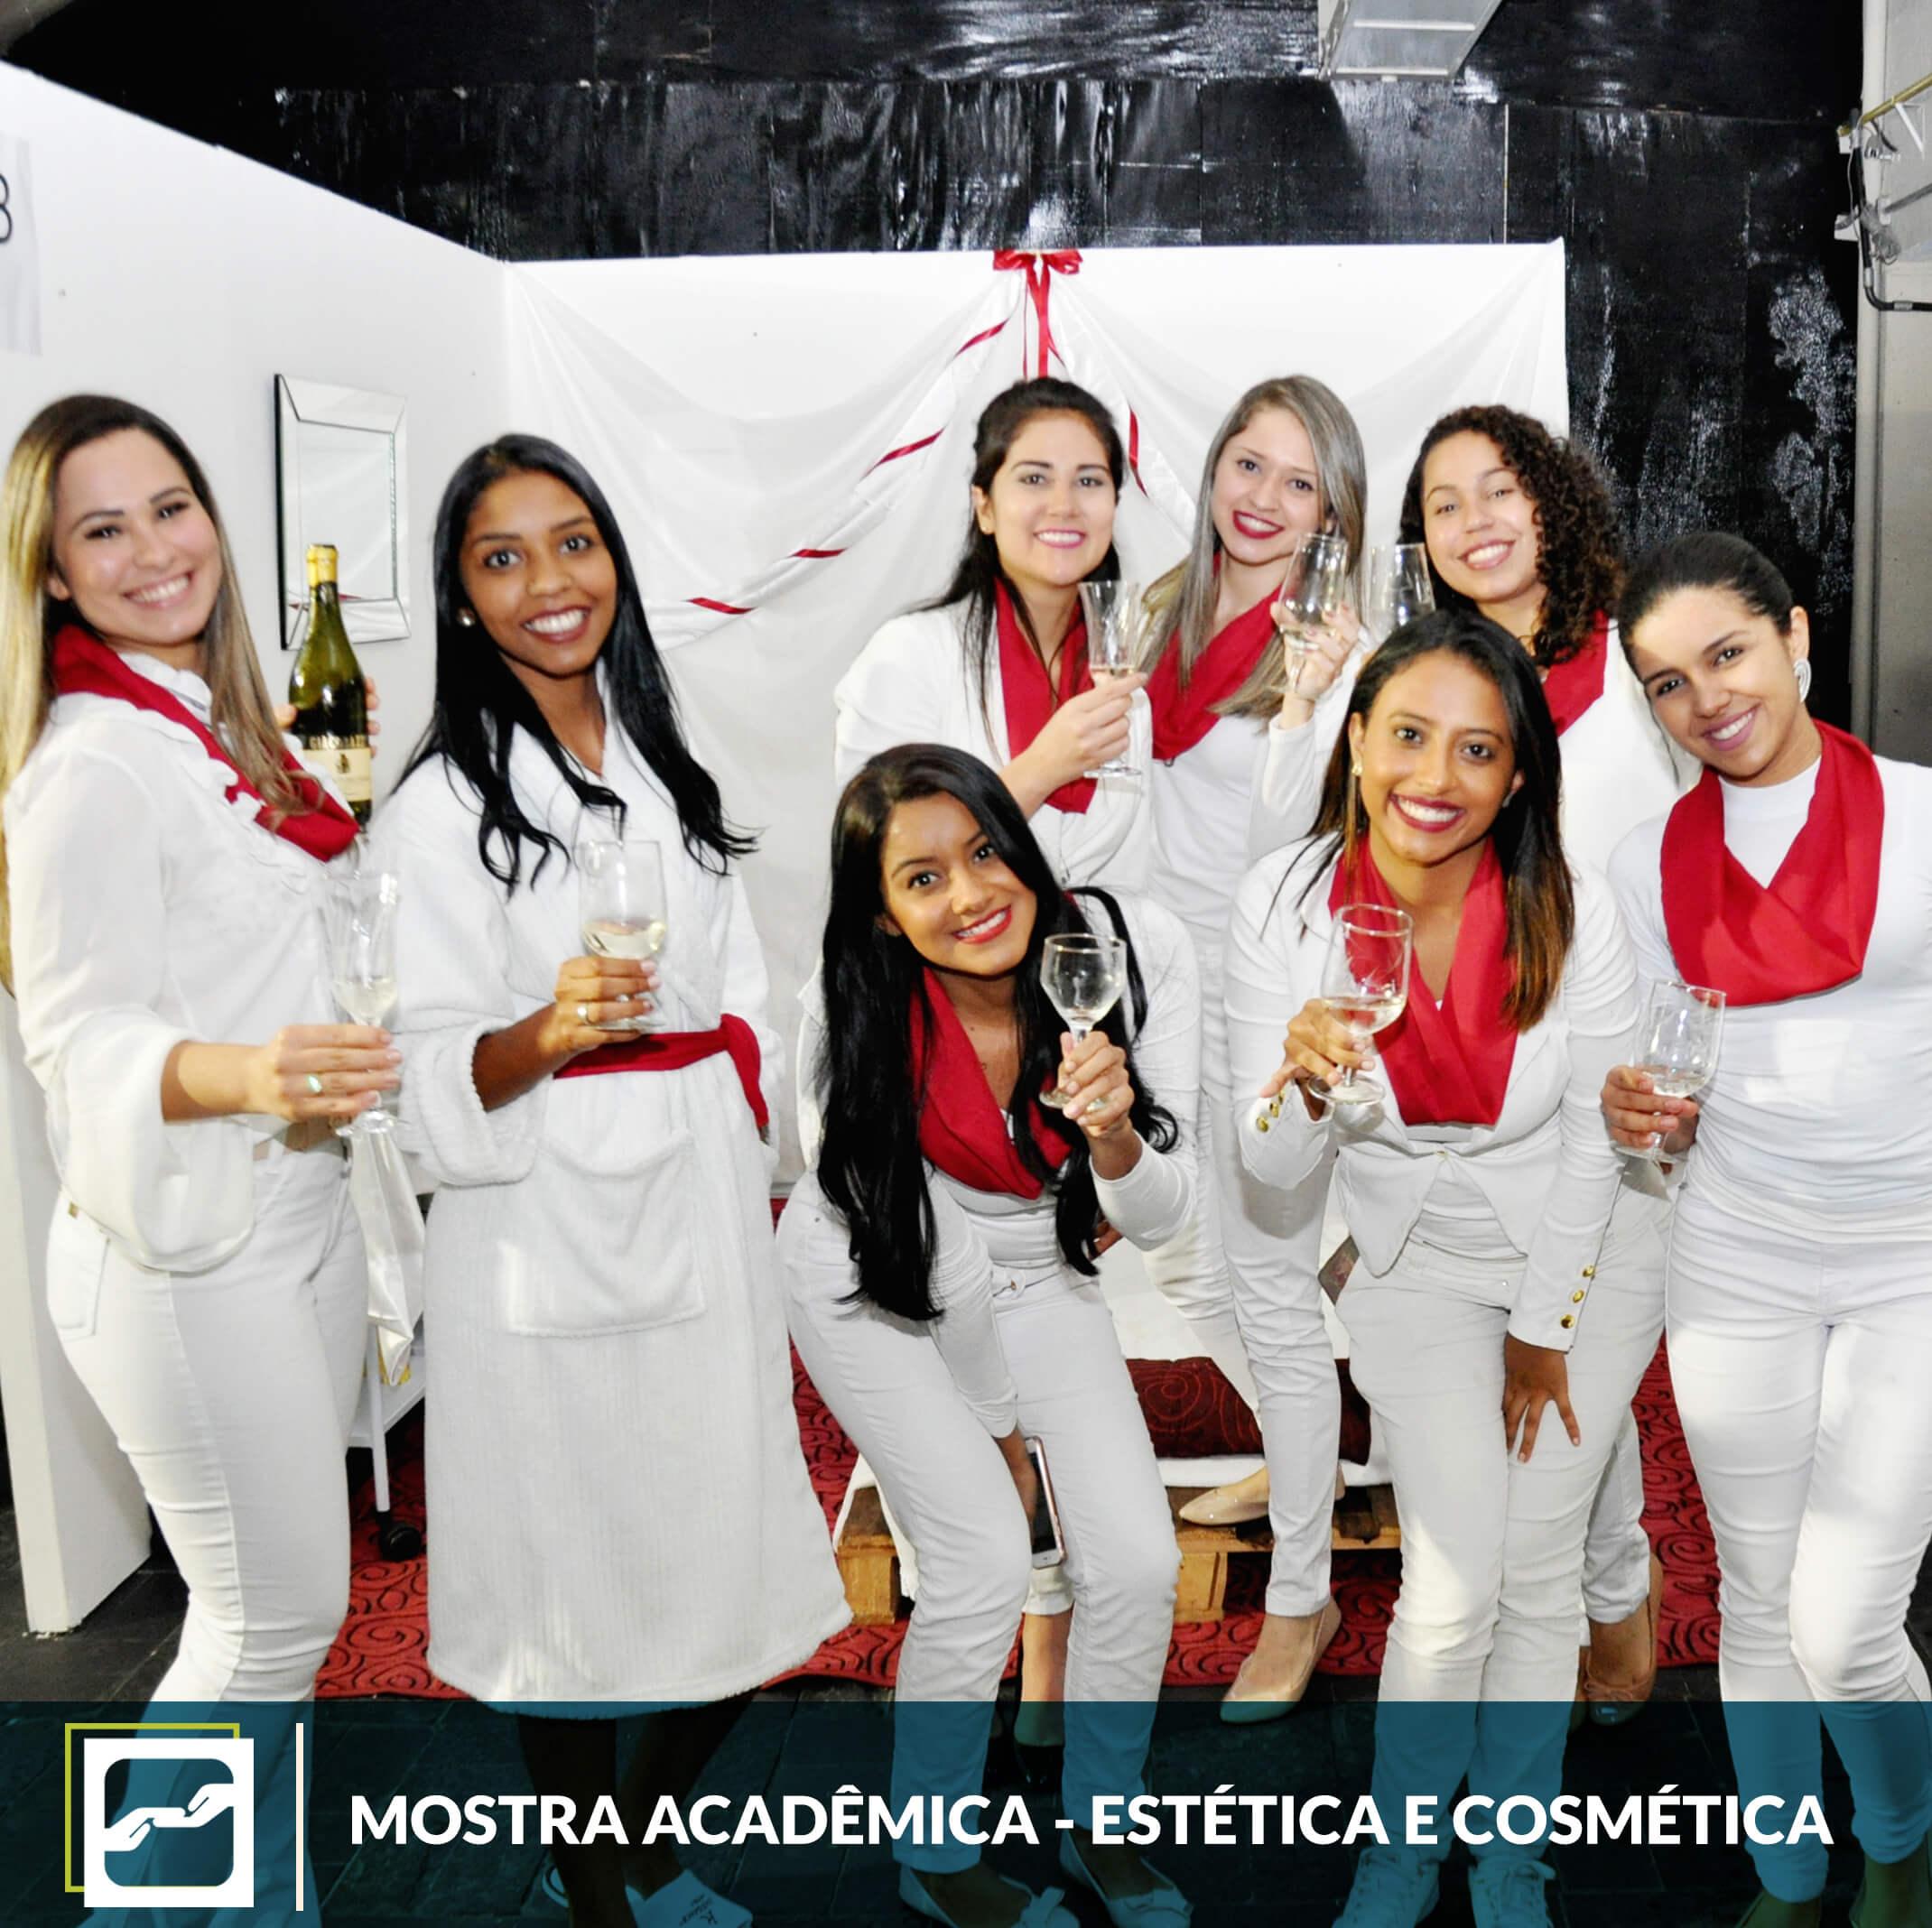 mostra-academia-estetica-cosmetica-famesp-36